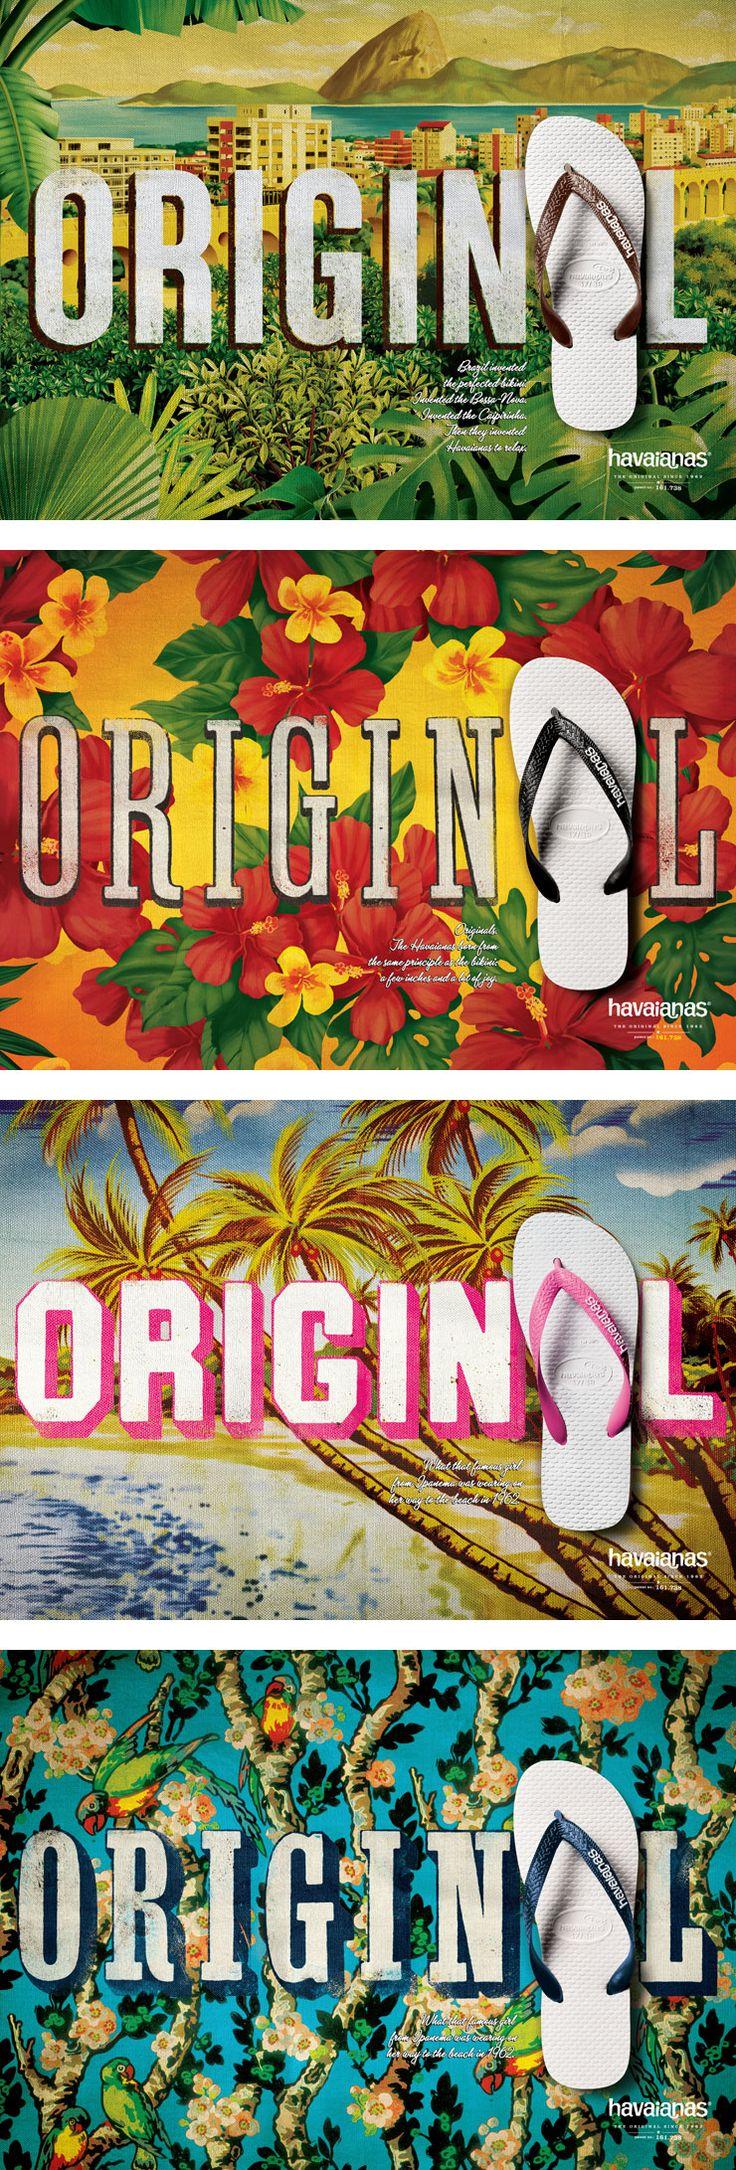 Um mix de imagens representando o Brasil e sua originalidade.